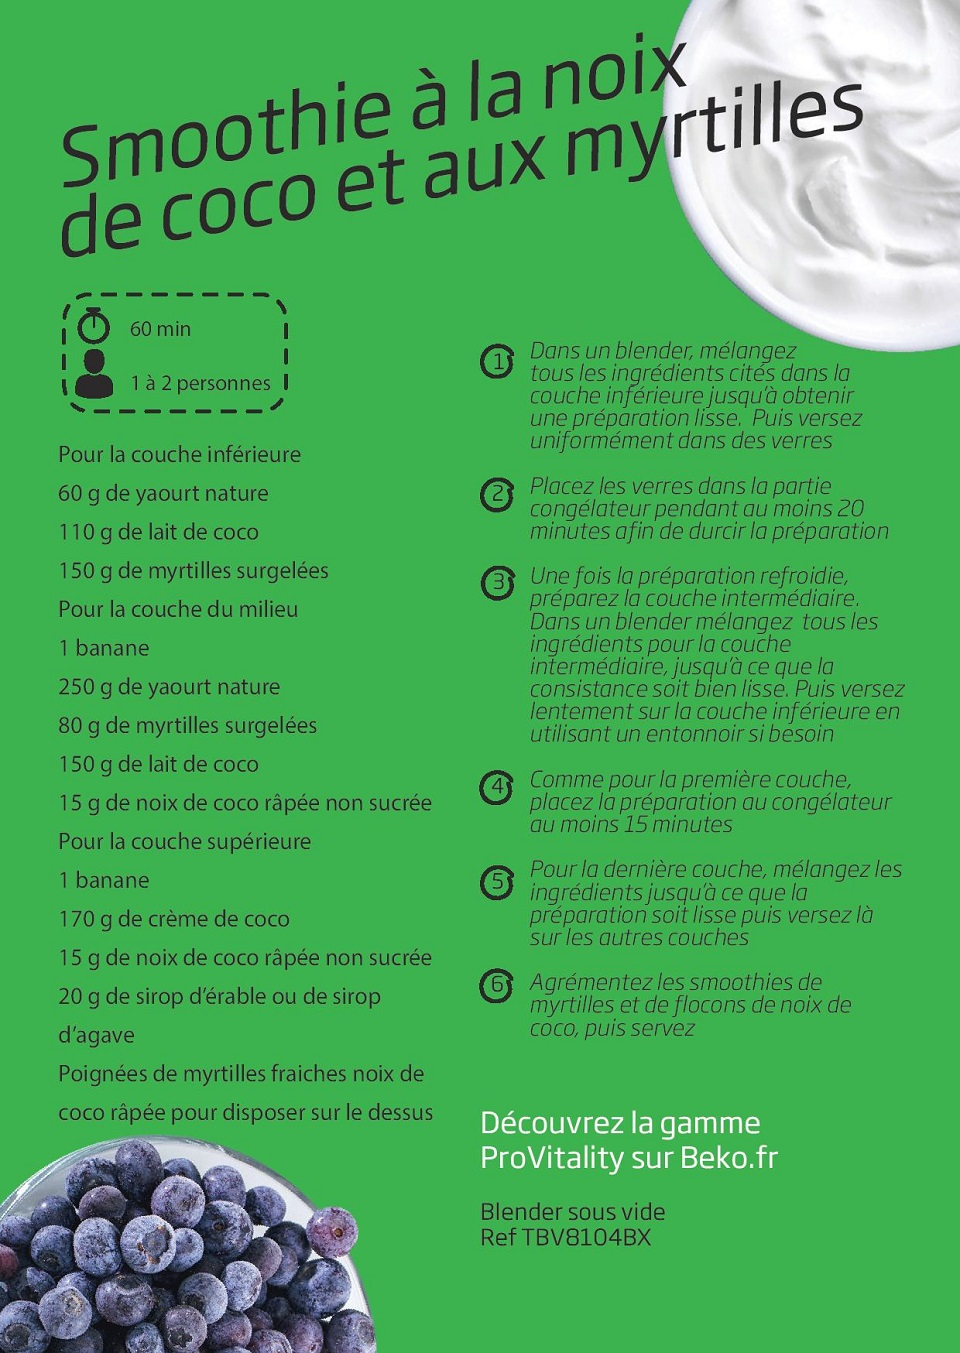 Smoothie à la noix de coco et aux myrtilles